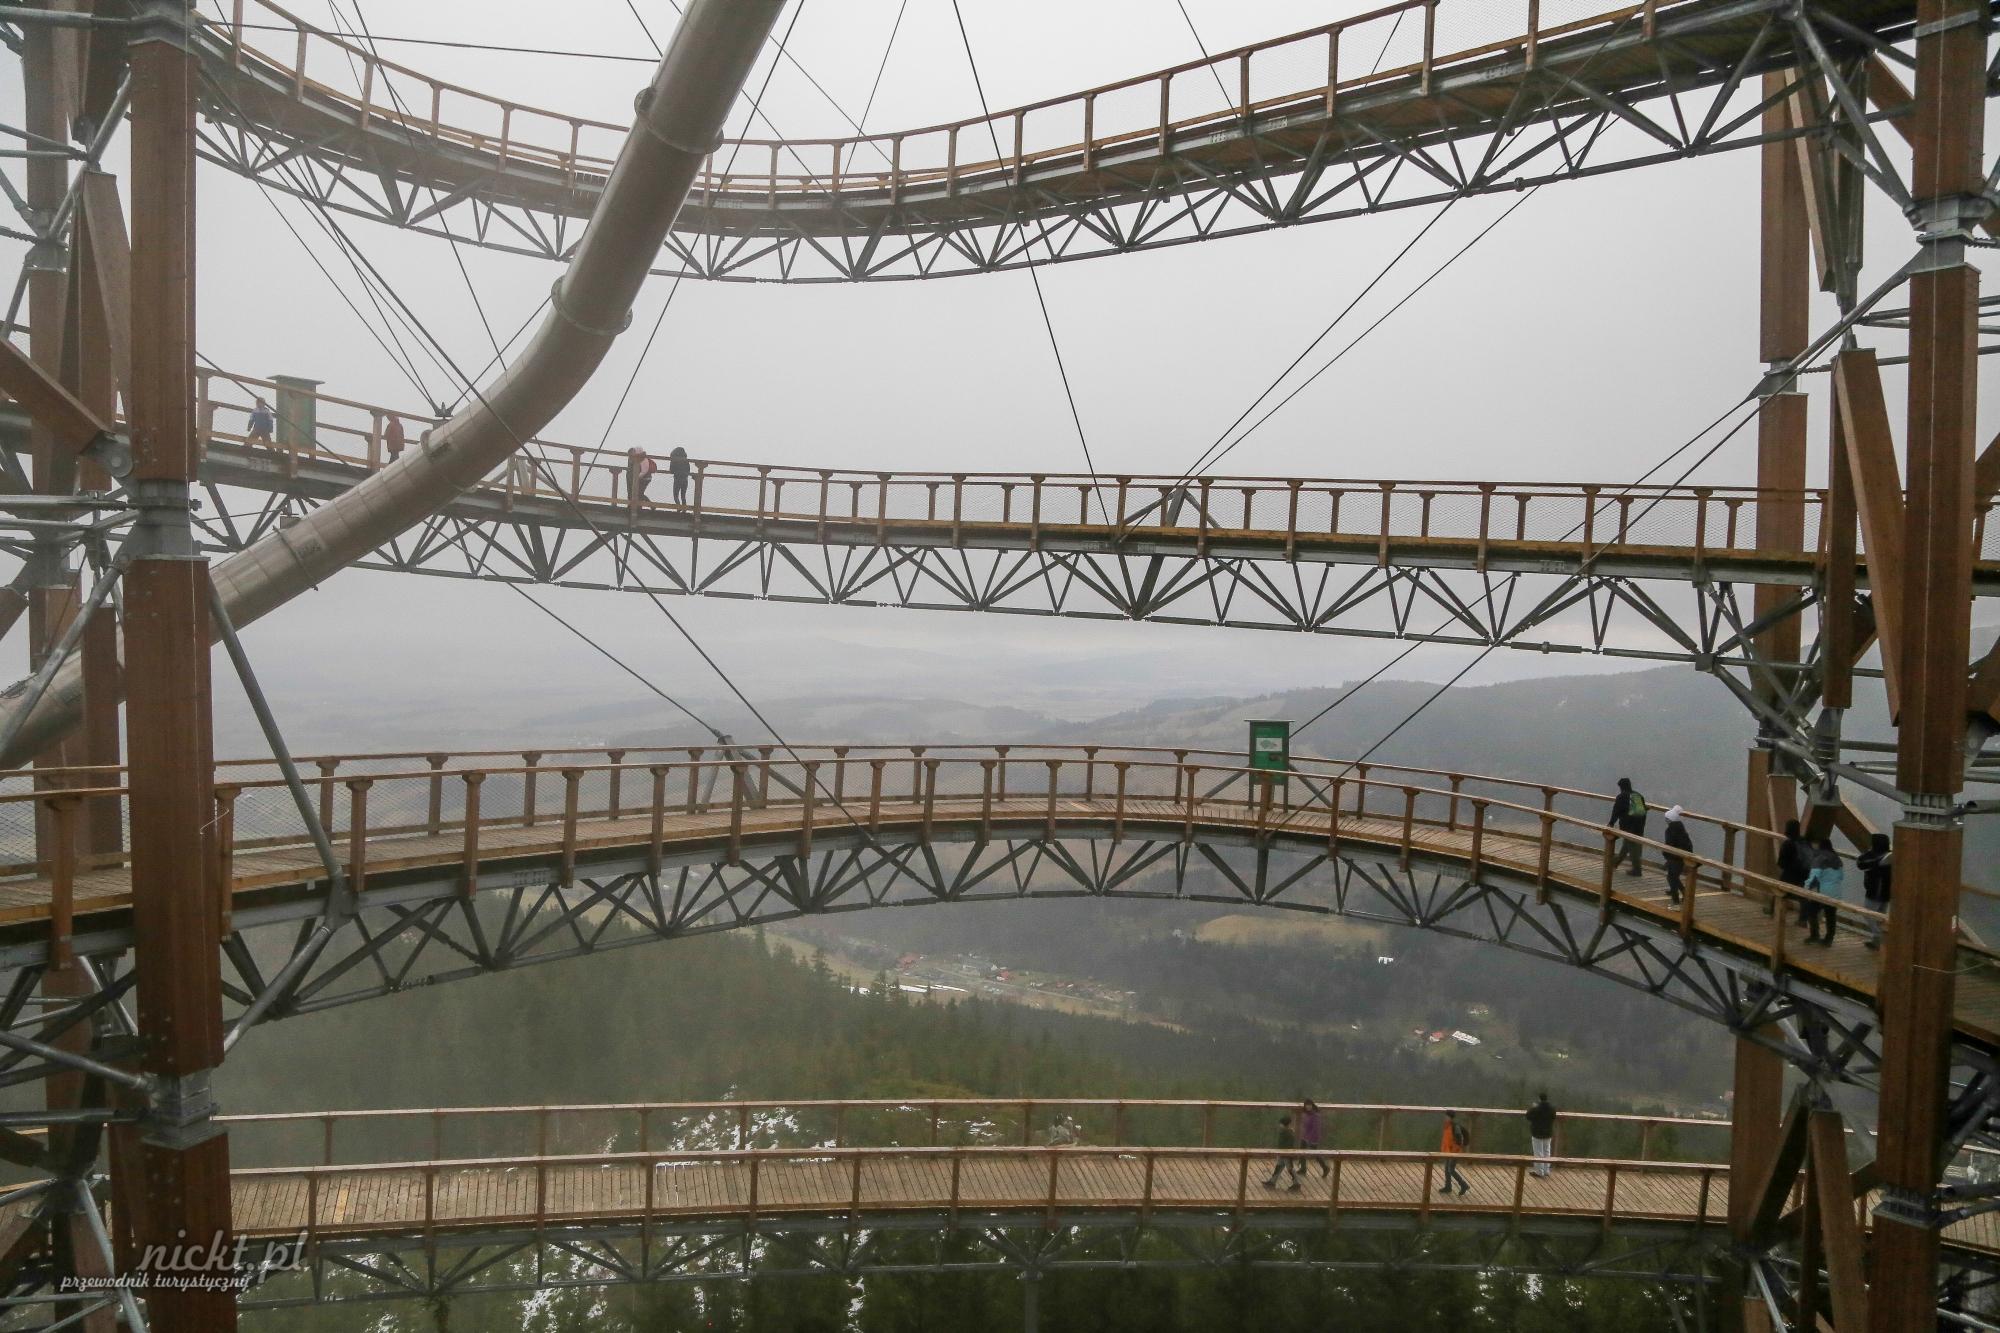 dolni morava stezka v oblacnich czechy punkt widokowy wieza widokowa nickt.pl turystyka niekonwencjonalna przemyslaw woznica 015